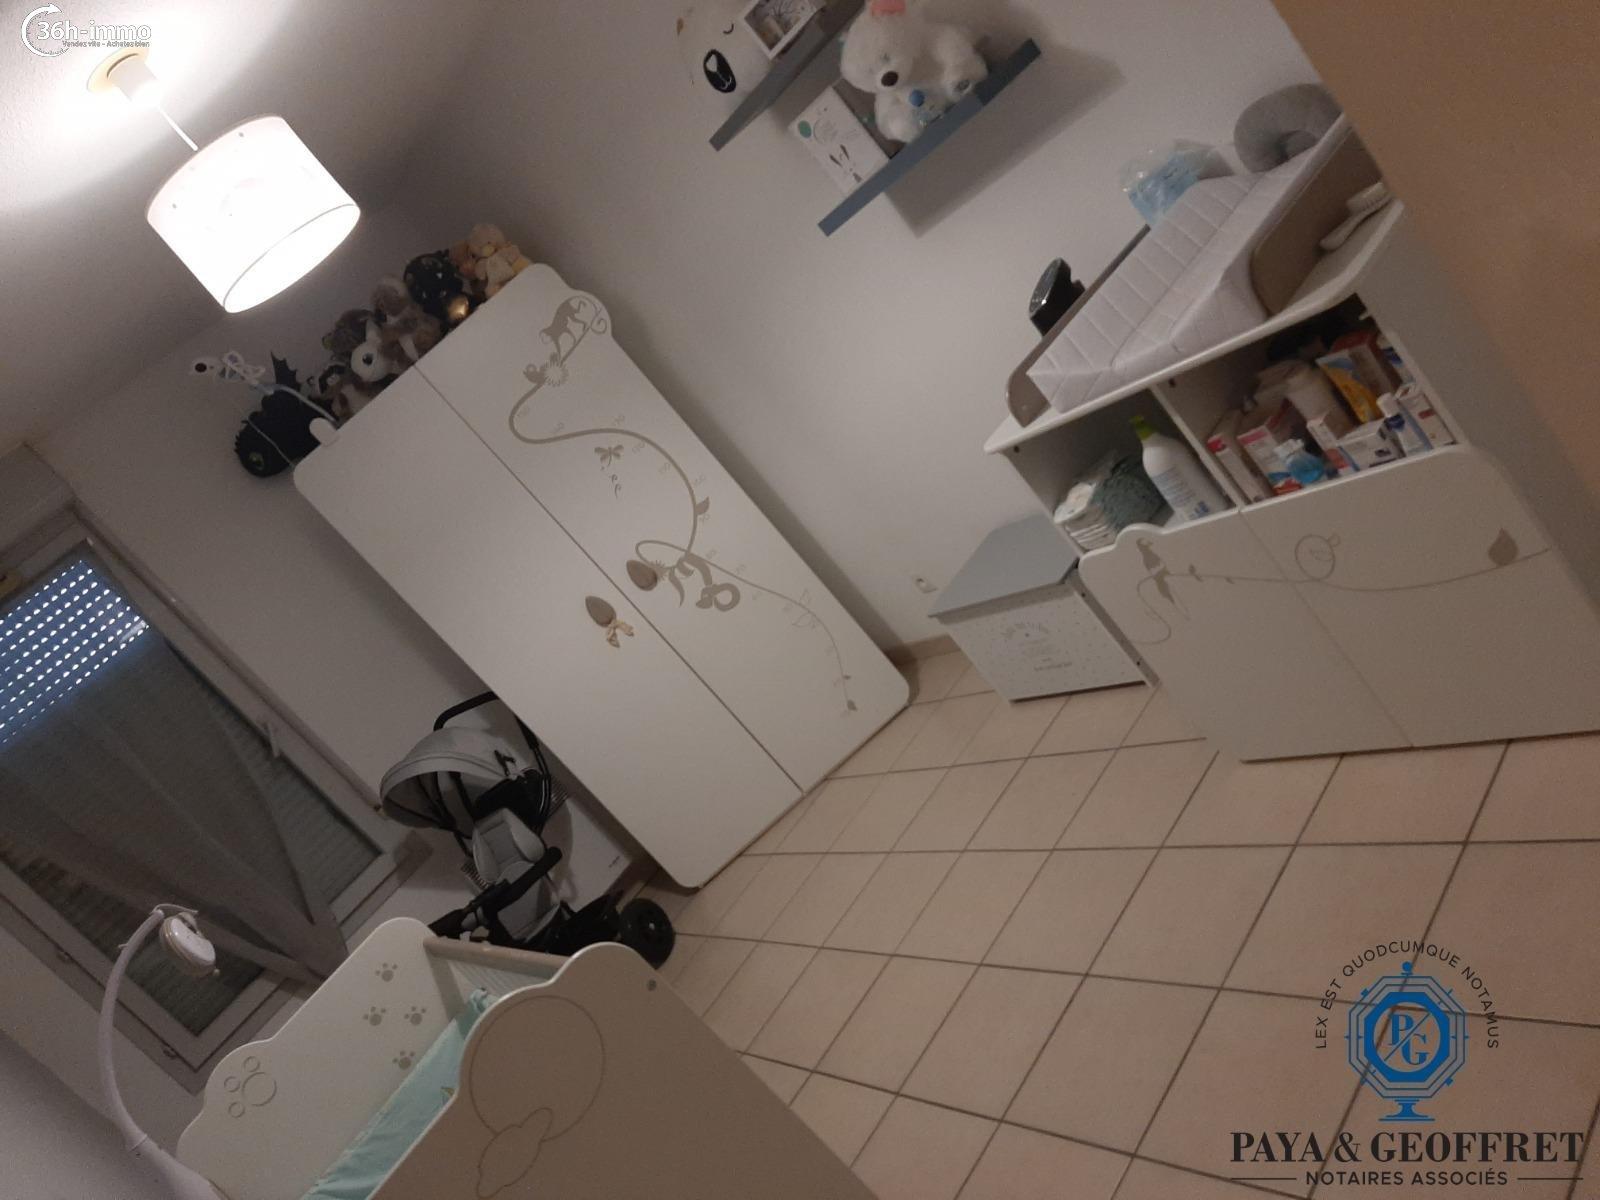 Appartement Saint-Estève 66240 Pyrenees-Orientales 63 m<sup>2</sup> 3 pi&eagrave;ces 109200 euros